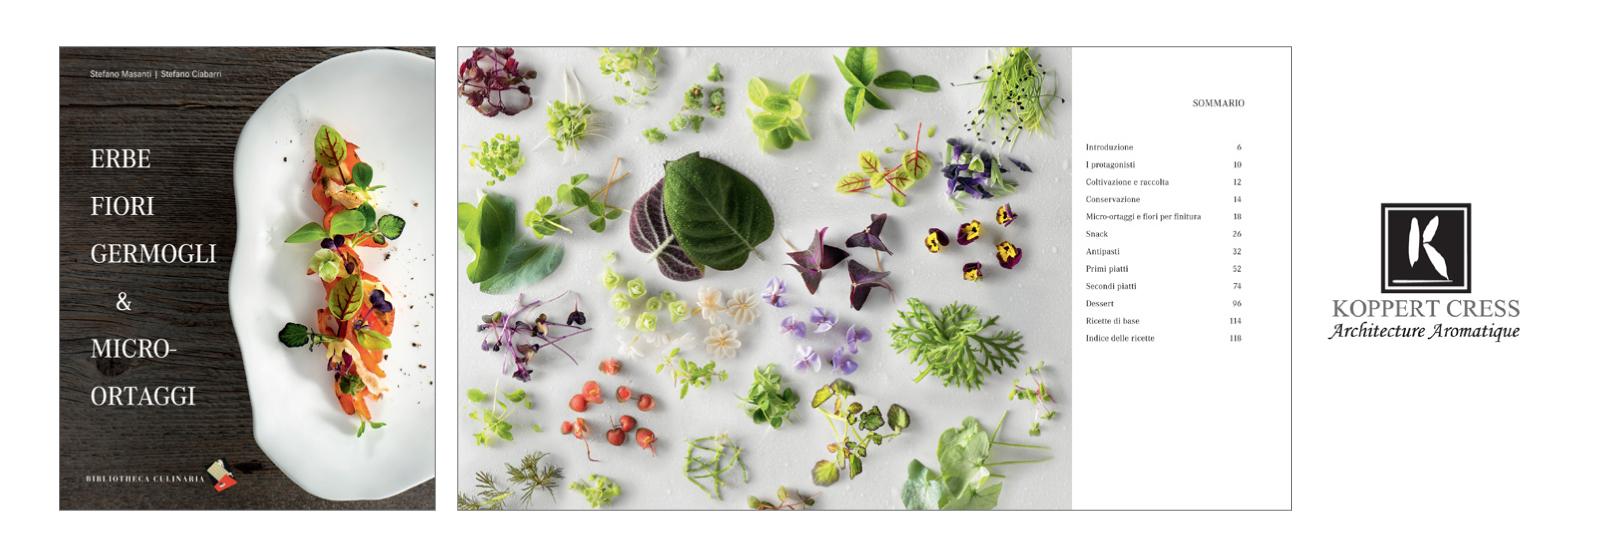 slider-Valorizzazioni-Erbe-fiori-germogli